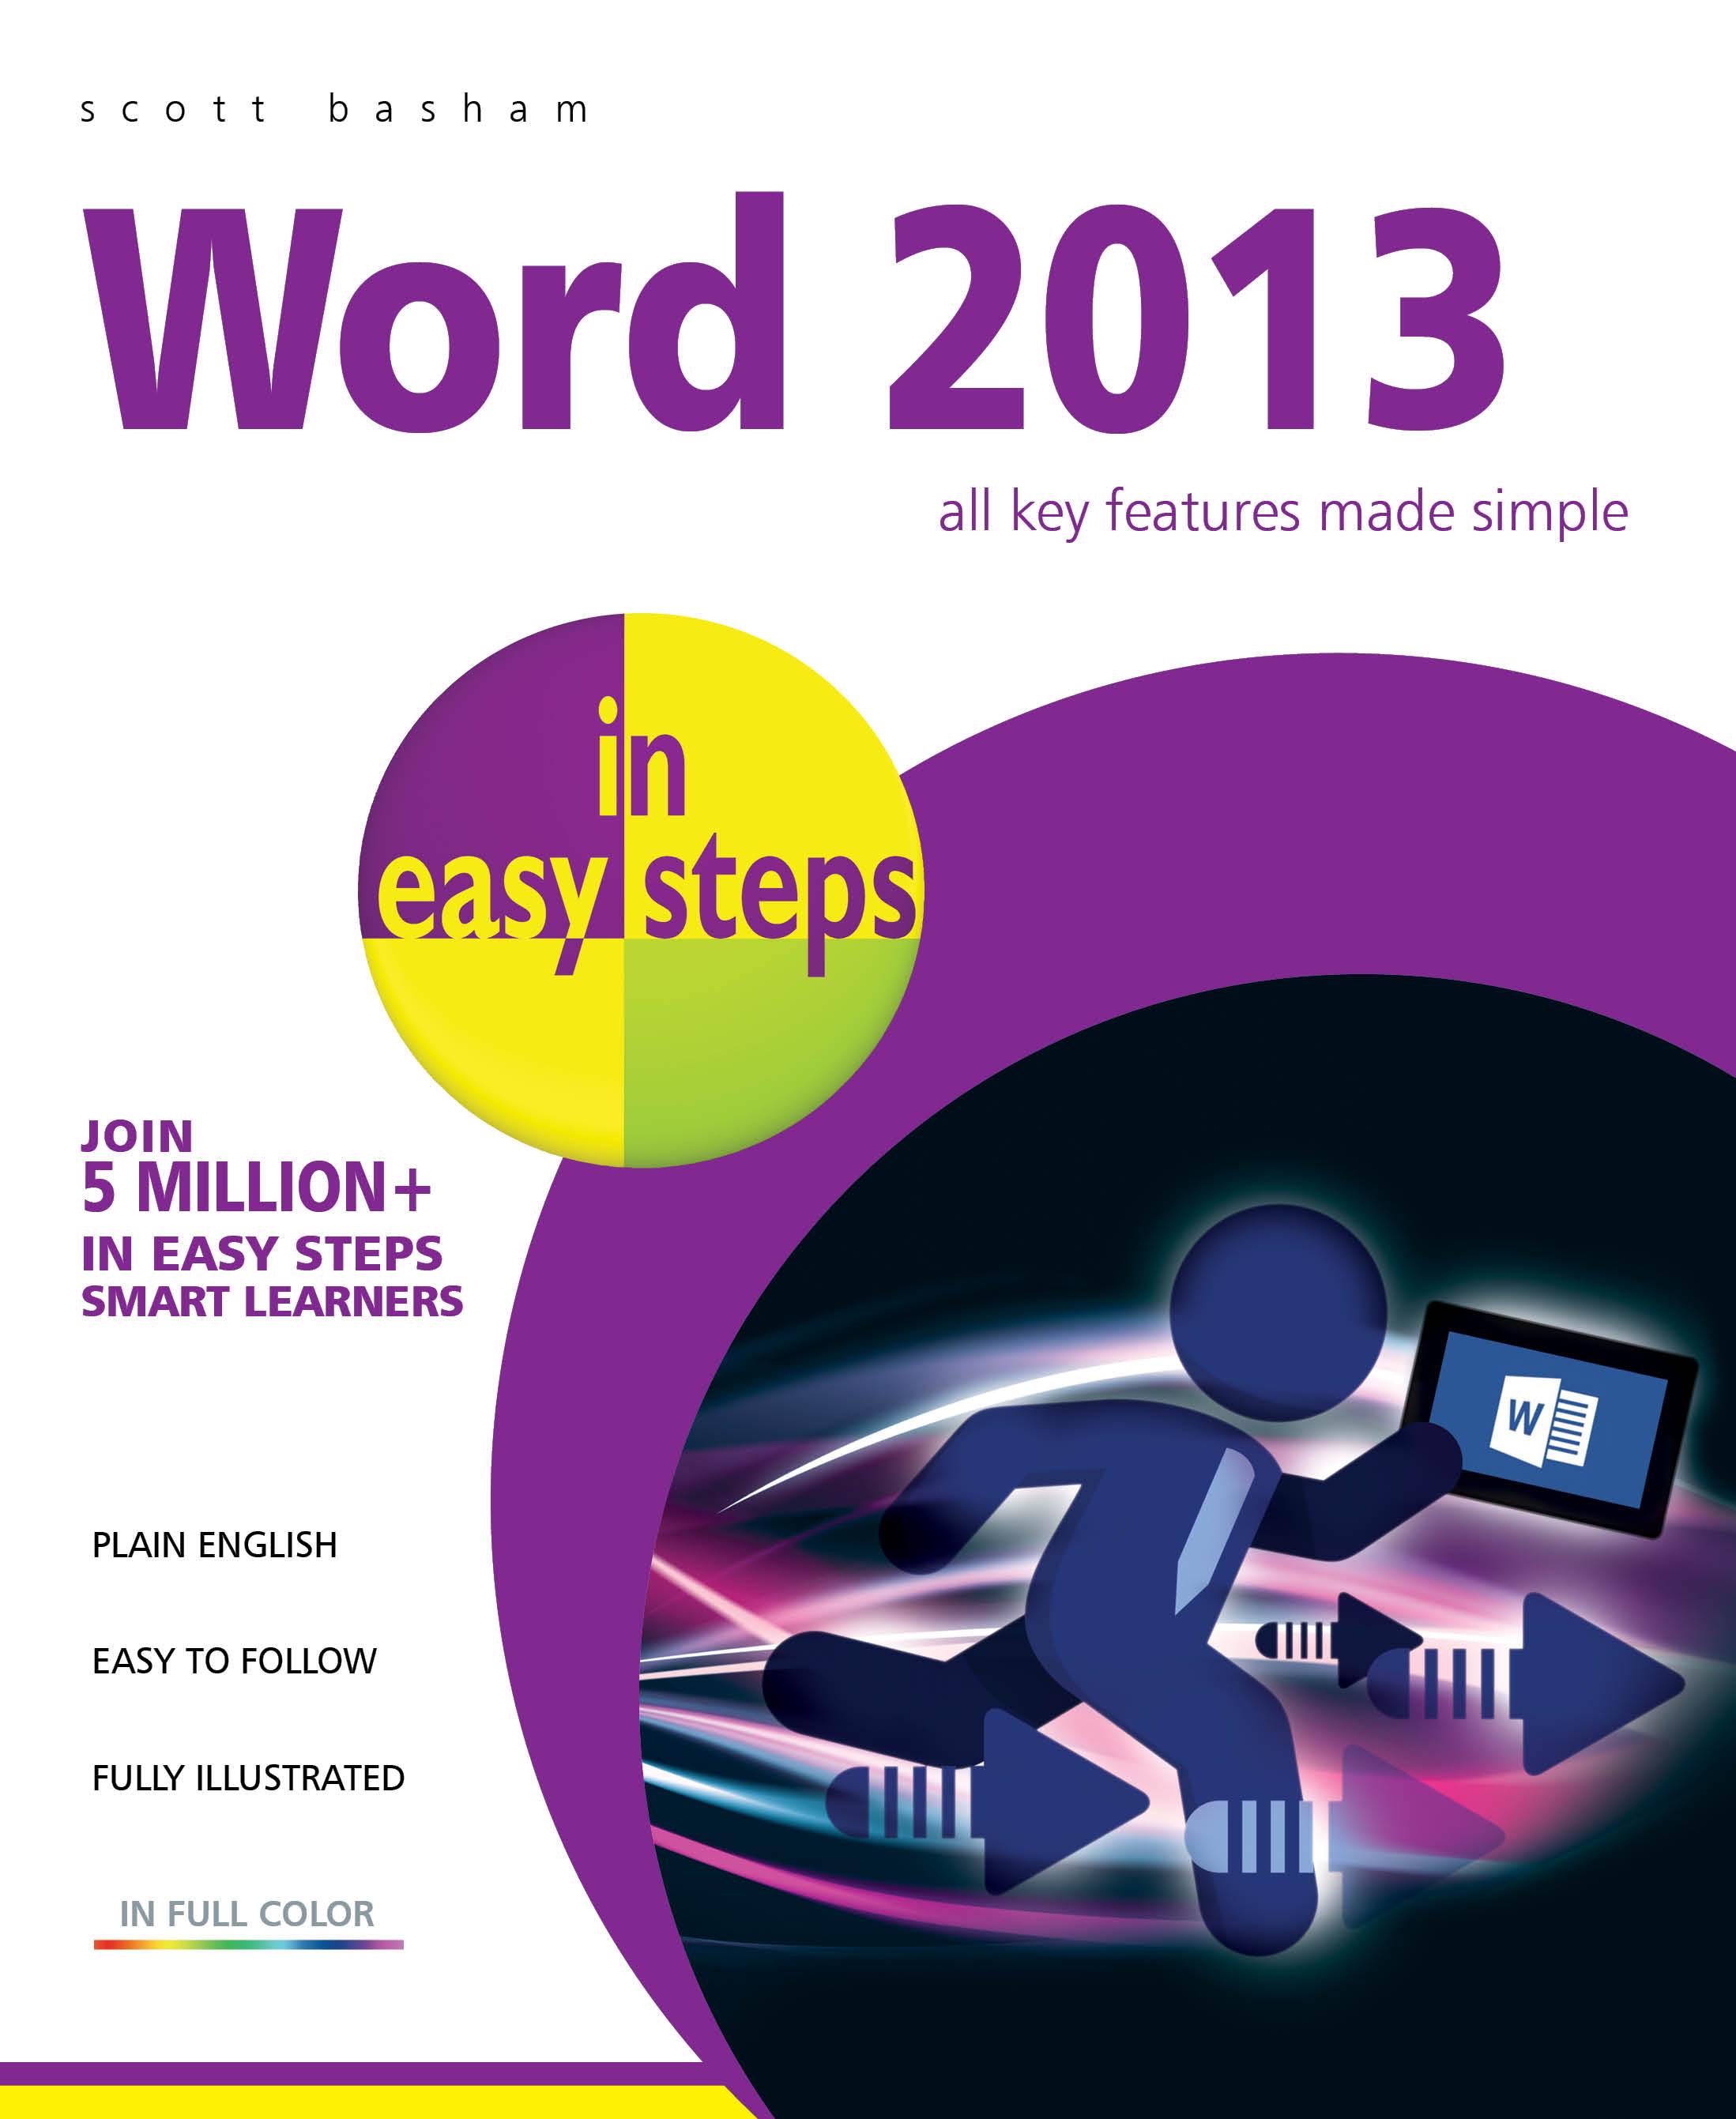 Word 2013 in easy steps PDF